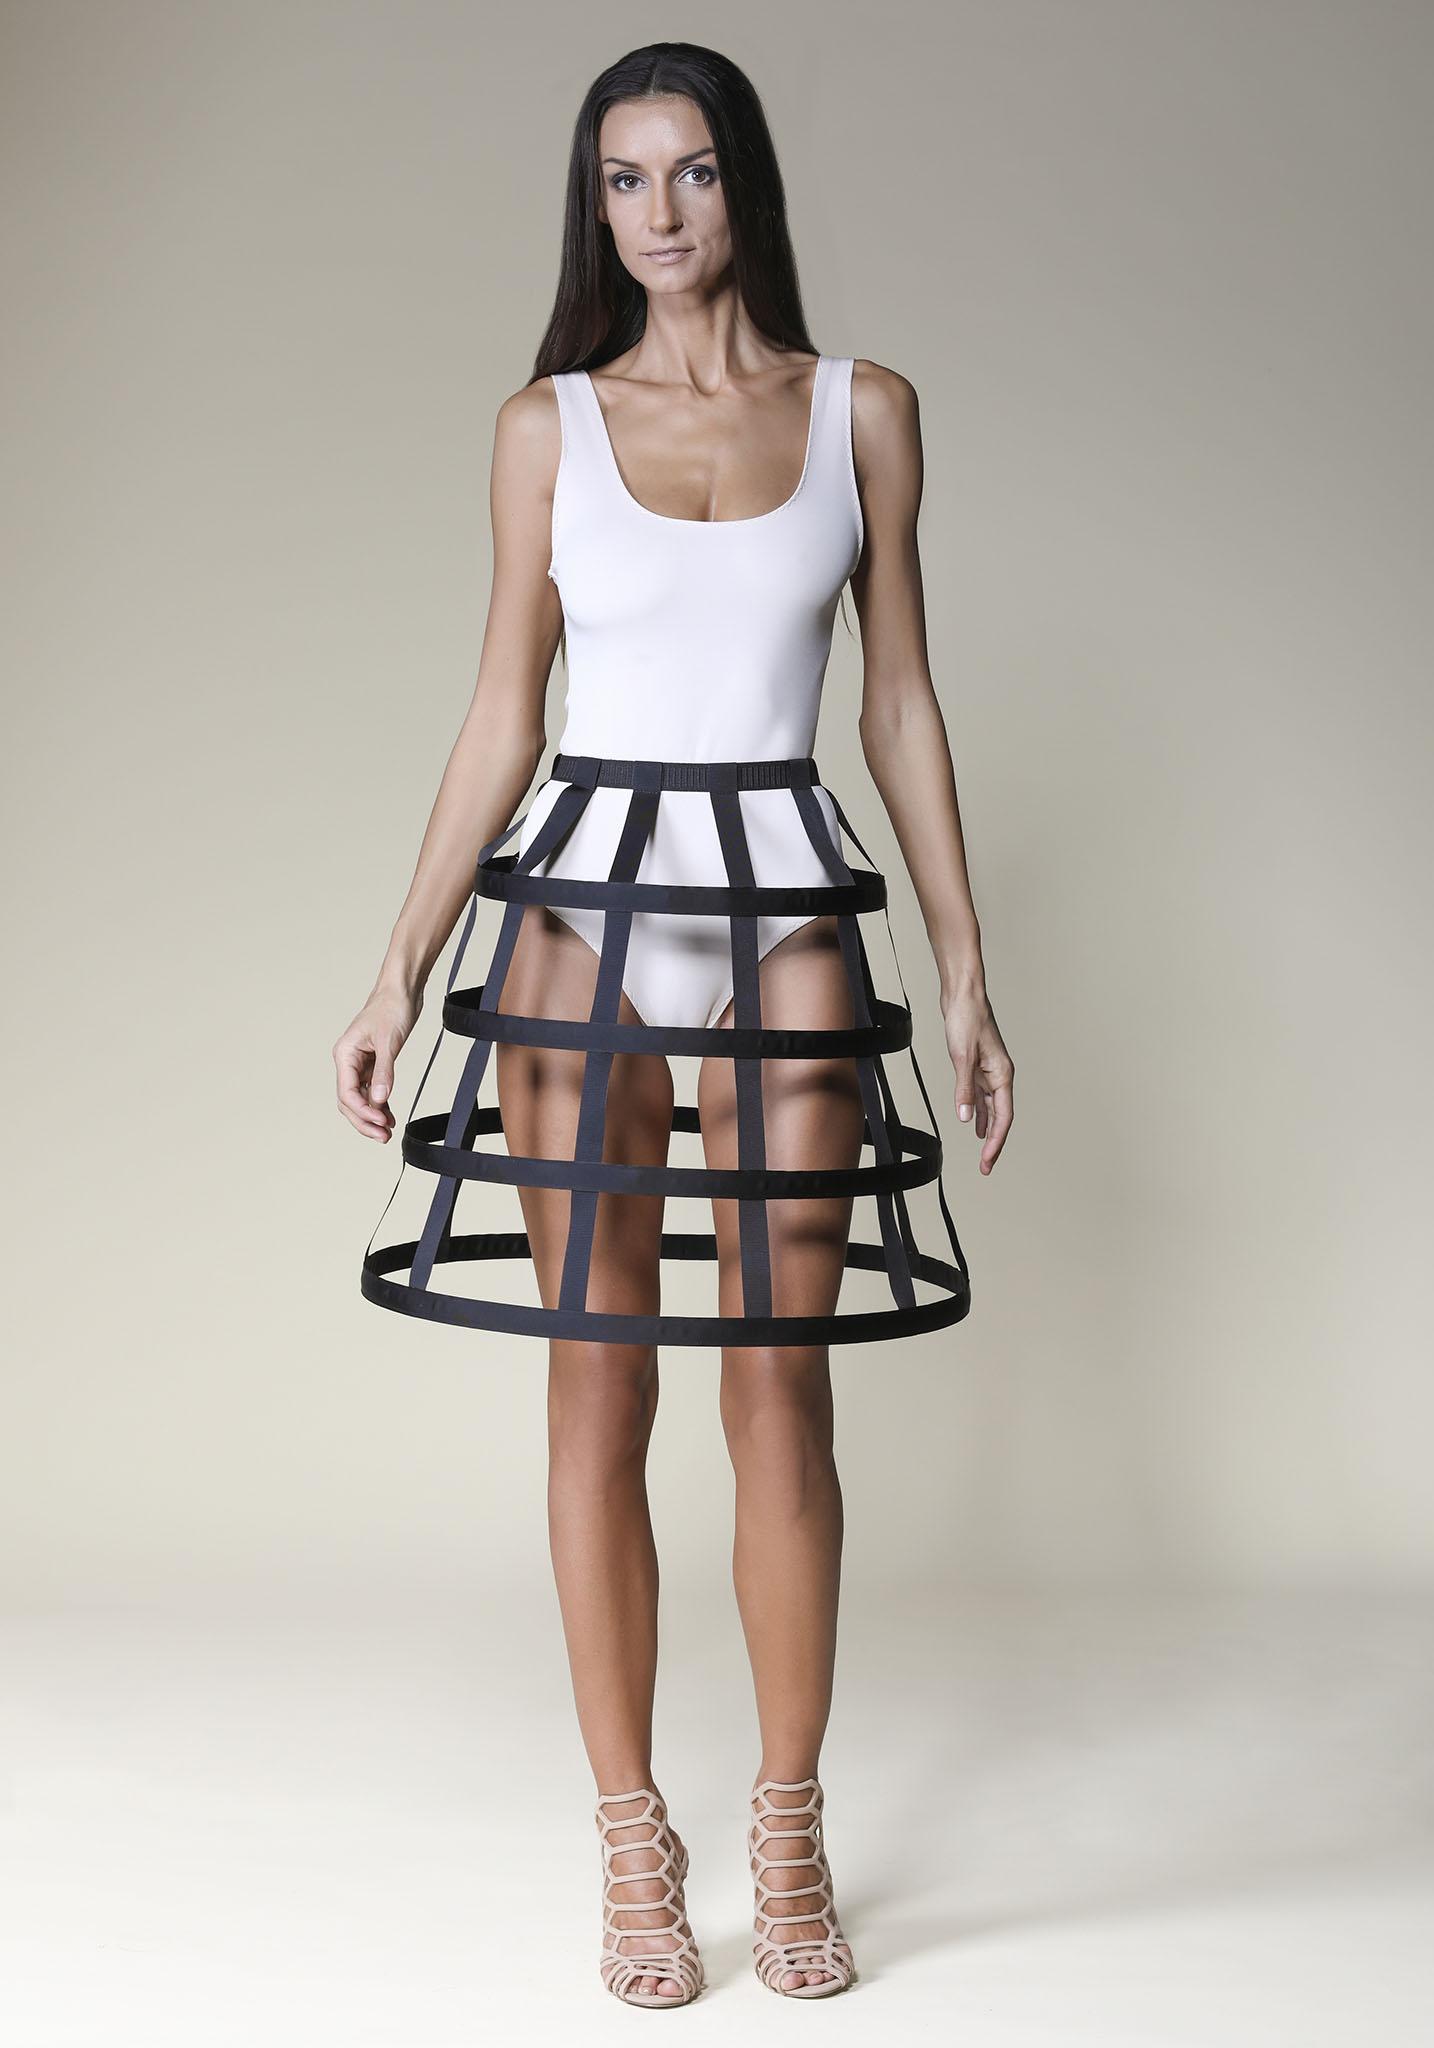 Basic Cage Skirts